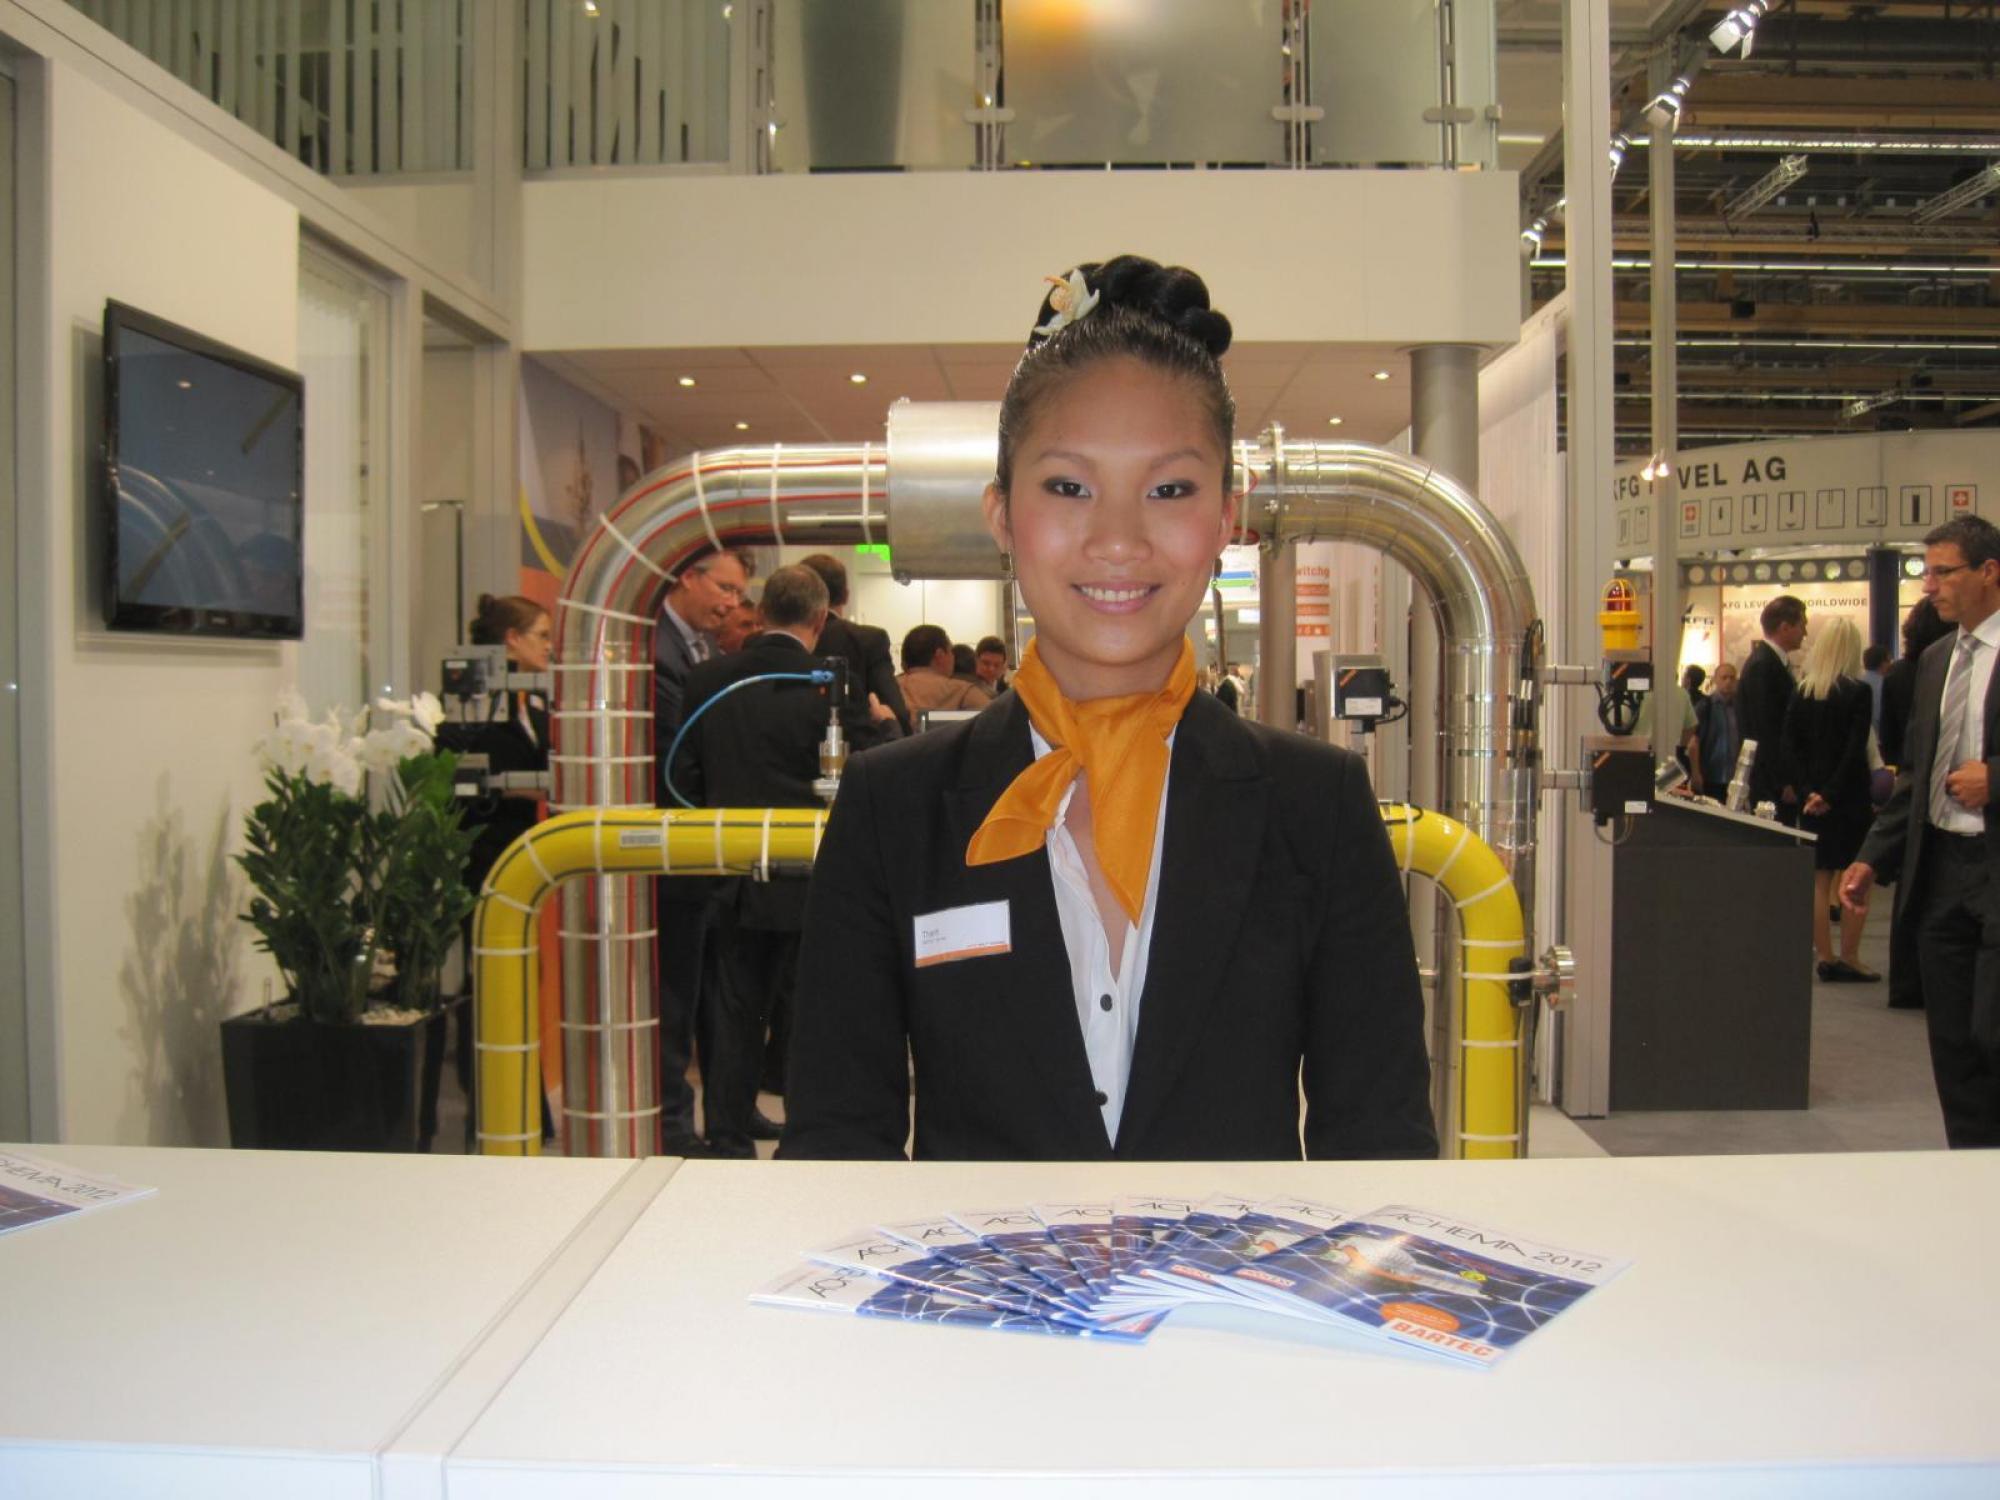 Unsere Hostess Thanh mit außergewöhnlichen Fremdsprachenkenntnissen auf der ACHEMA.